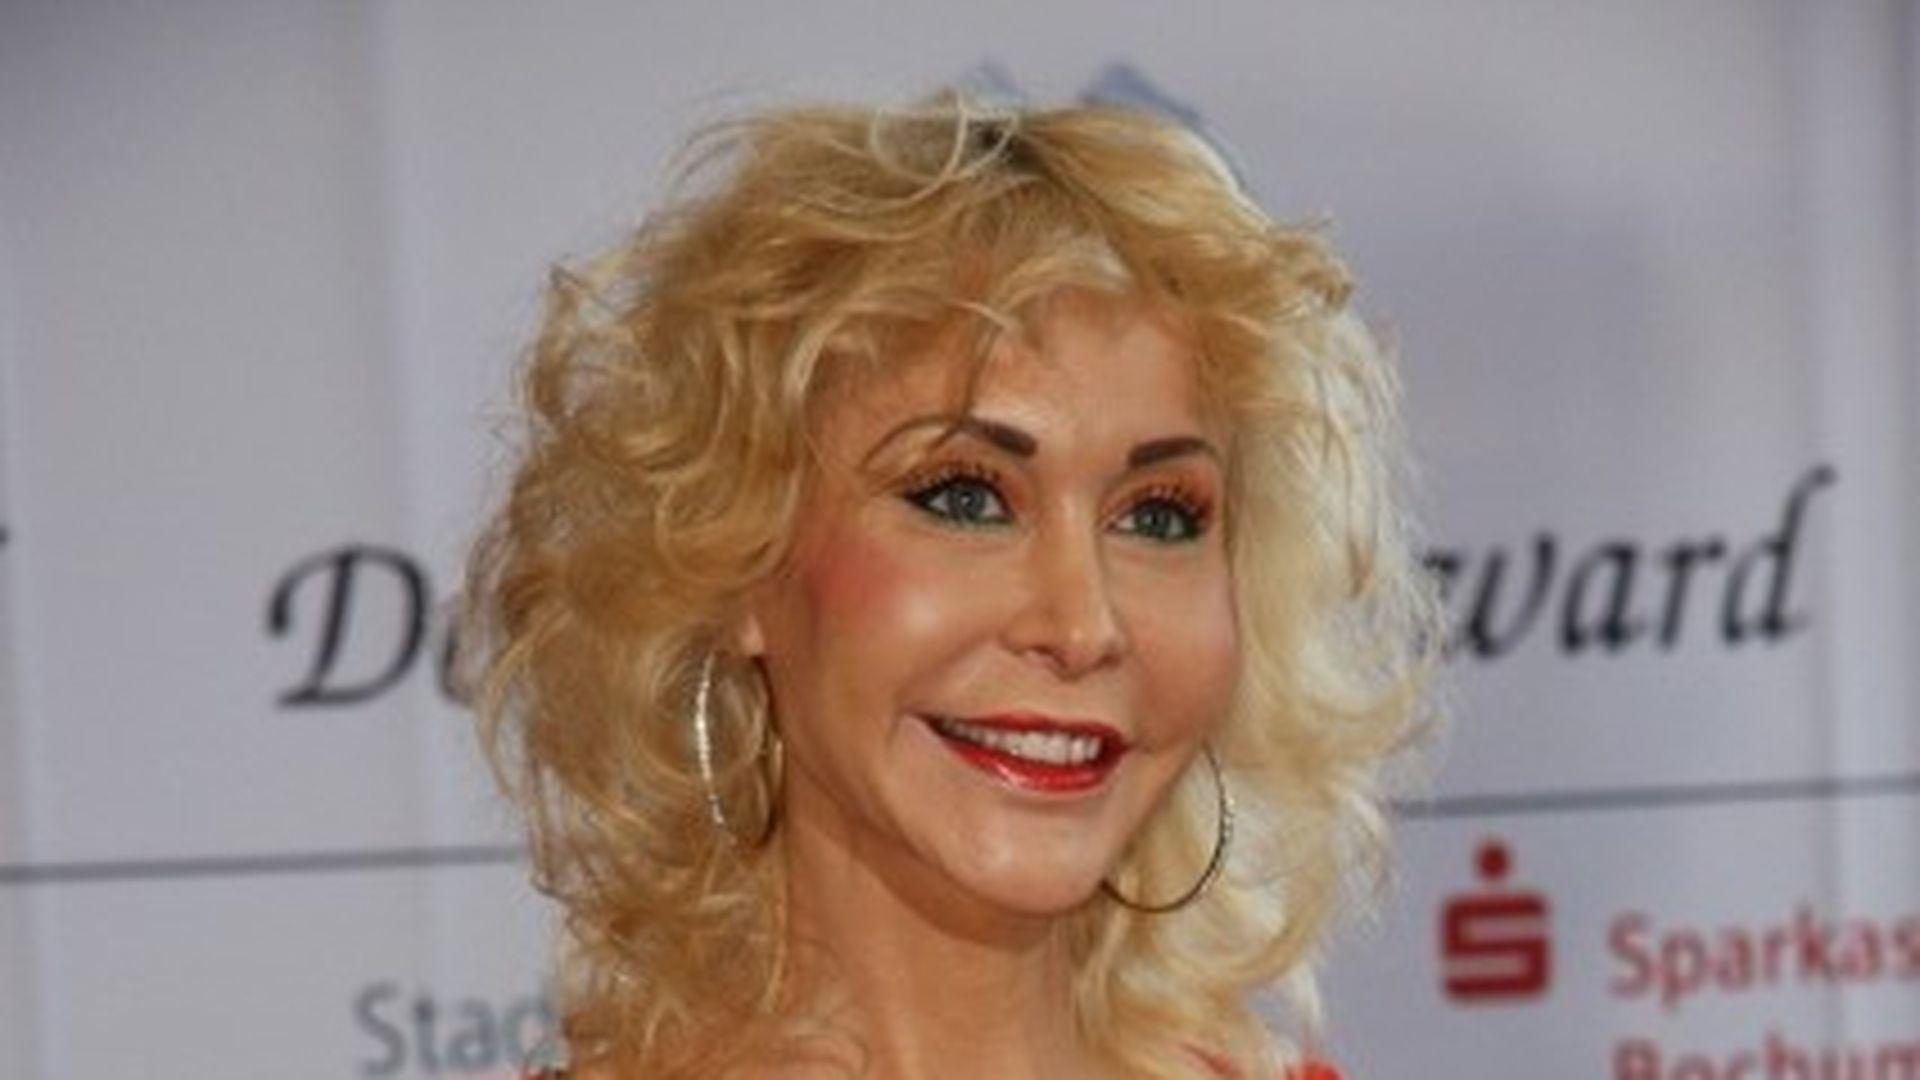 Dolly Buster Scheidung Nach 13 Jahren Ehe Promiflashde